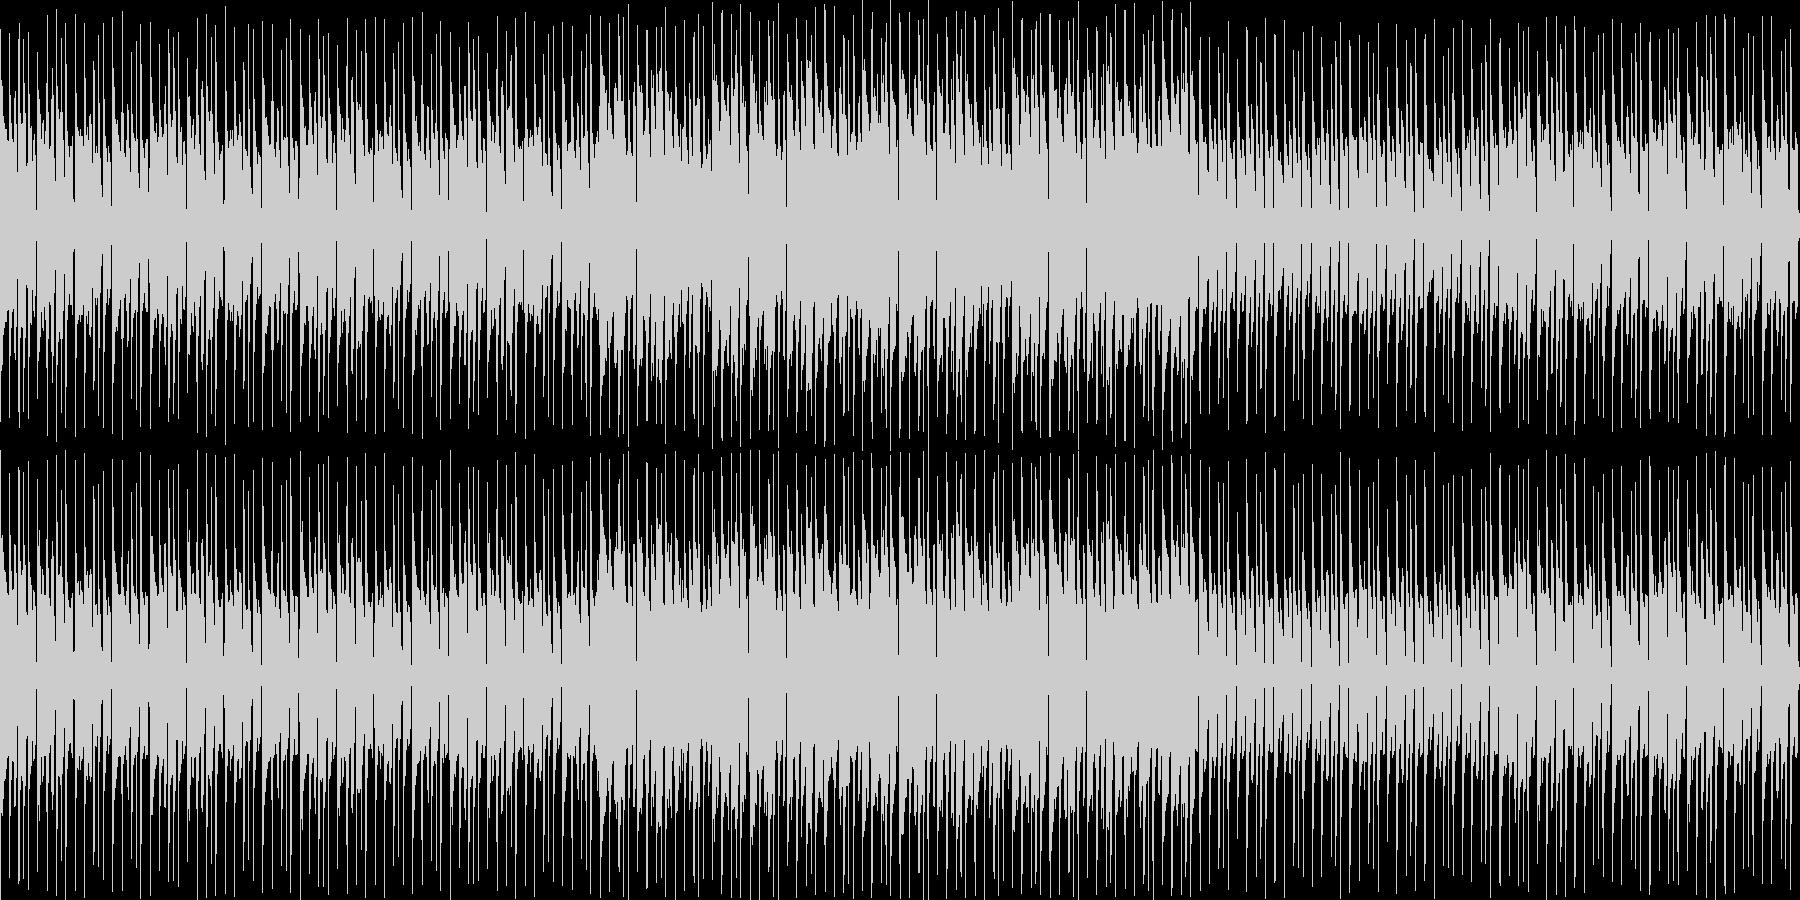 レースゲームのメニュー画面を想定した曲の未再生の波形